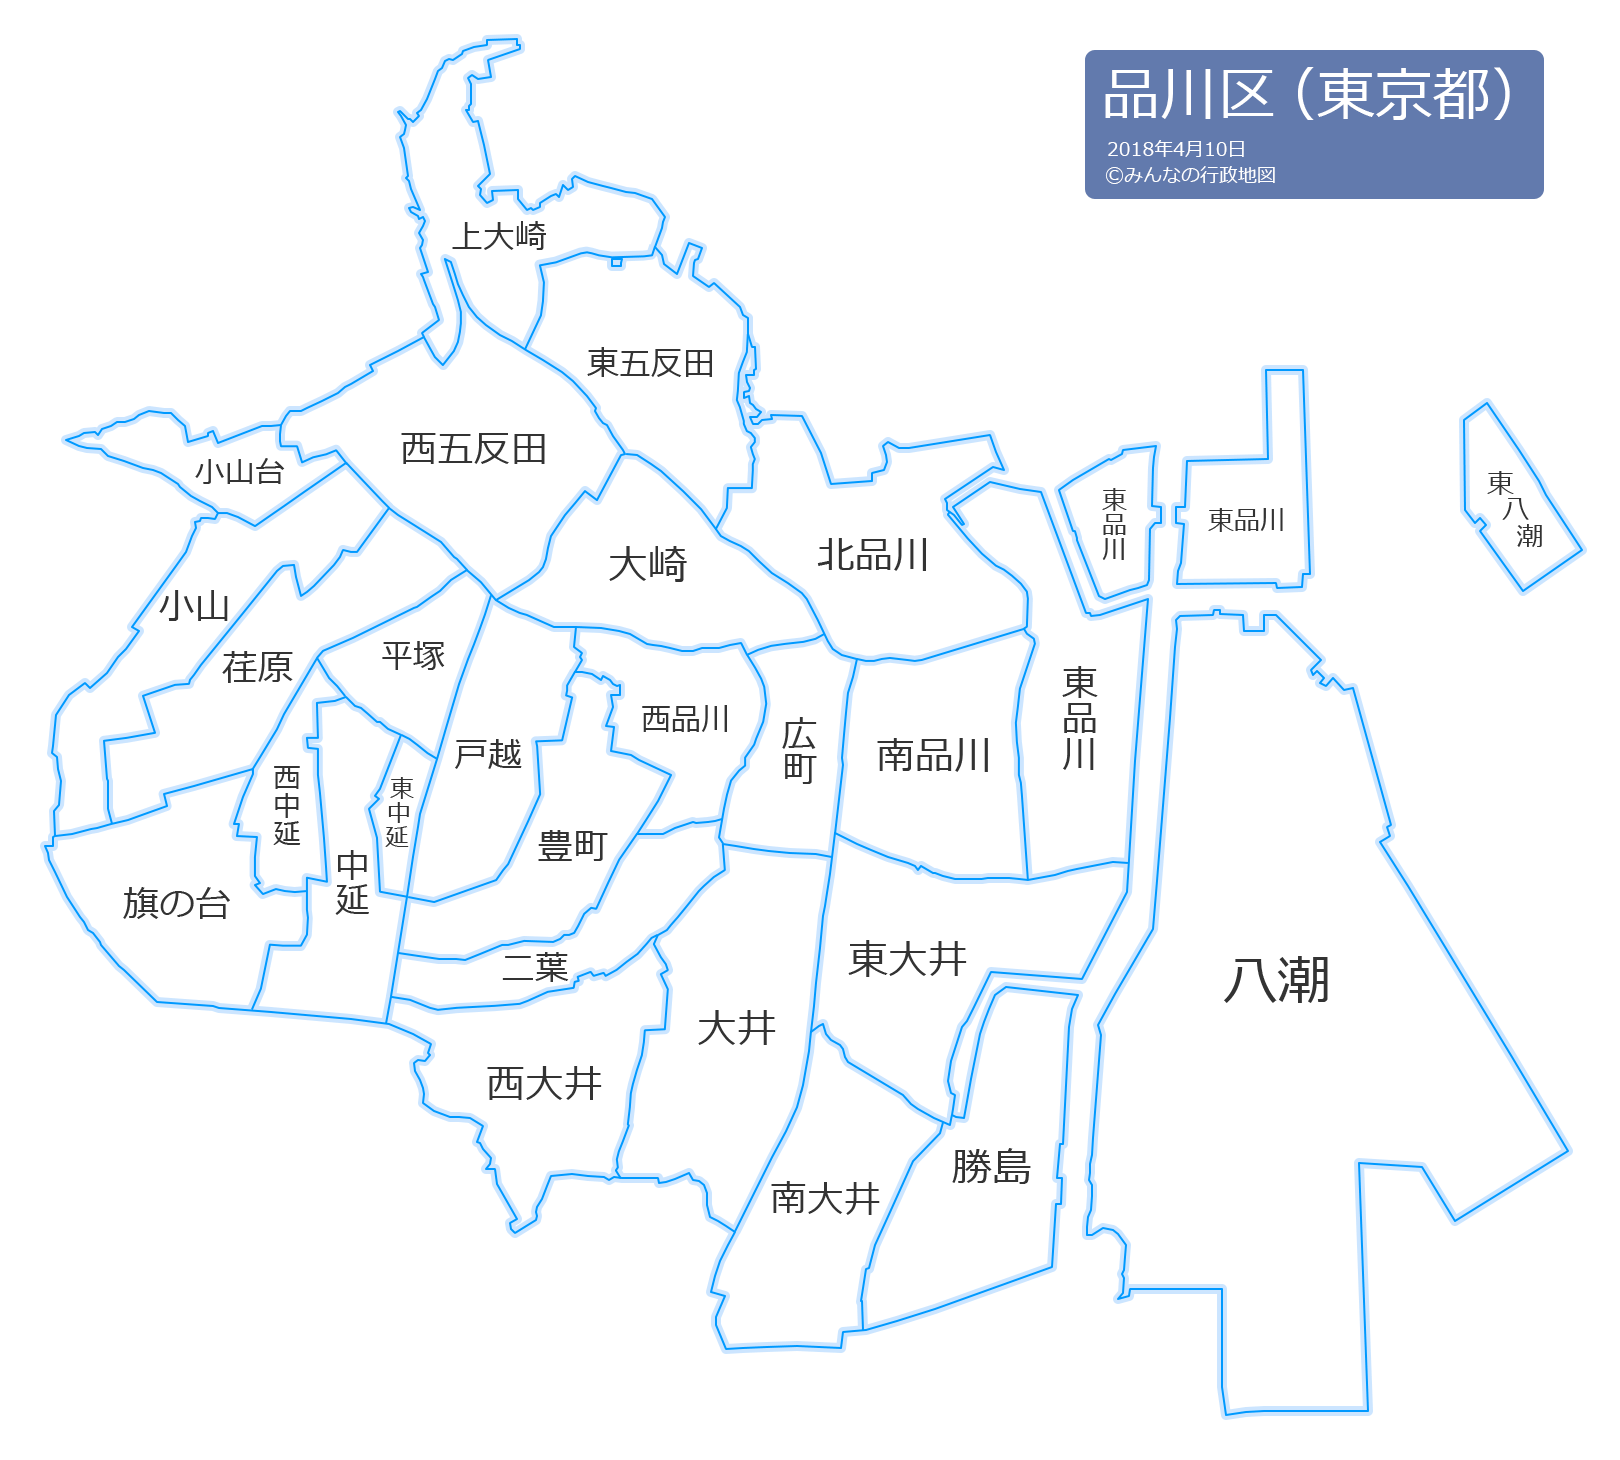 品川区(東京都) - みんなの行政地図